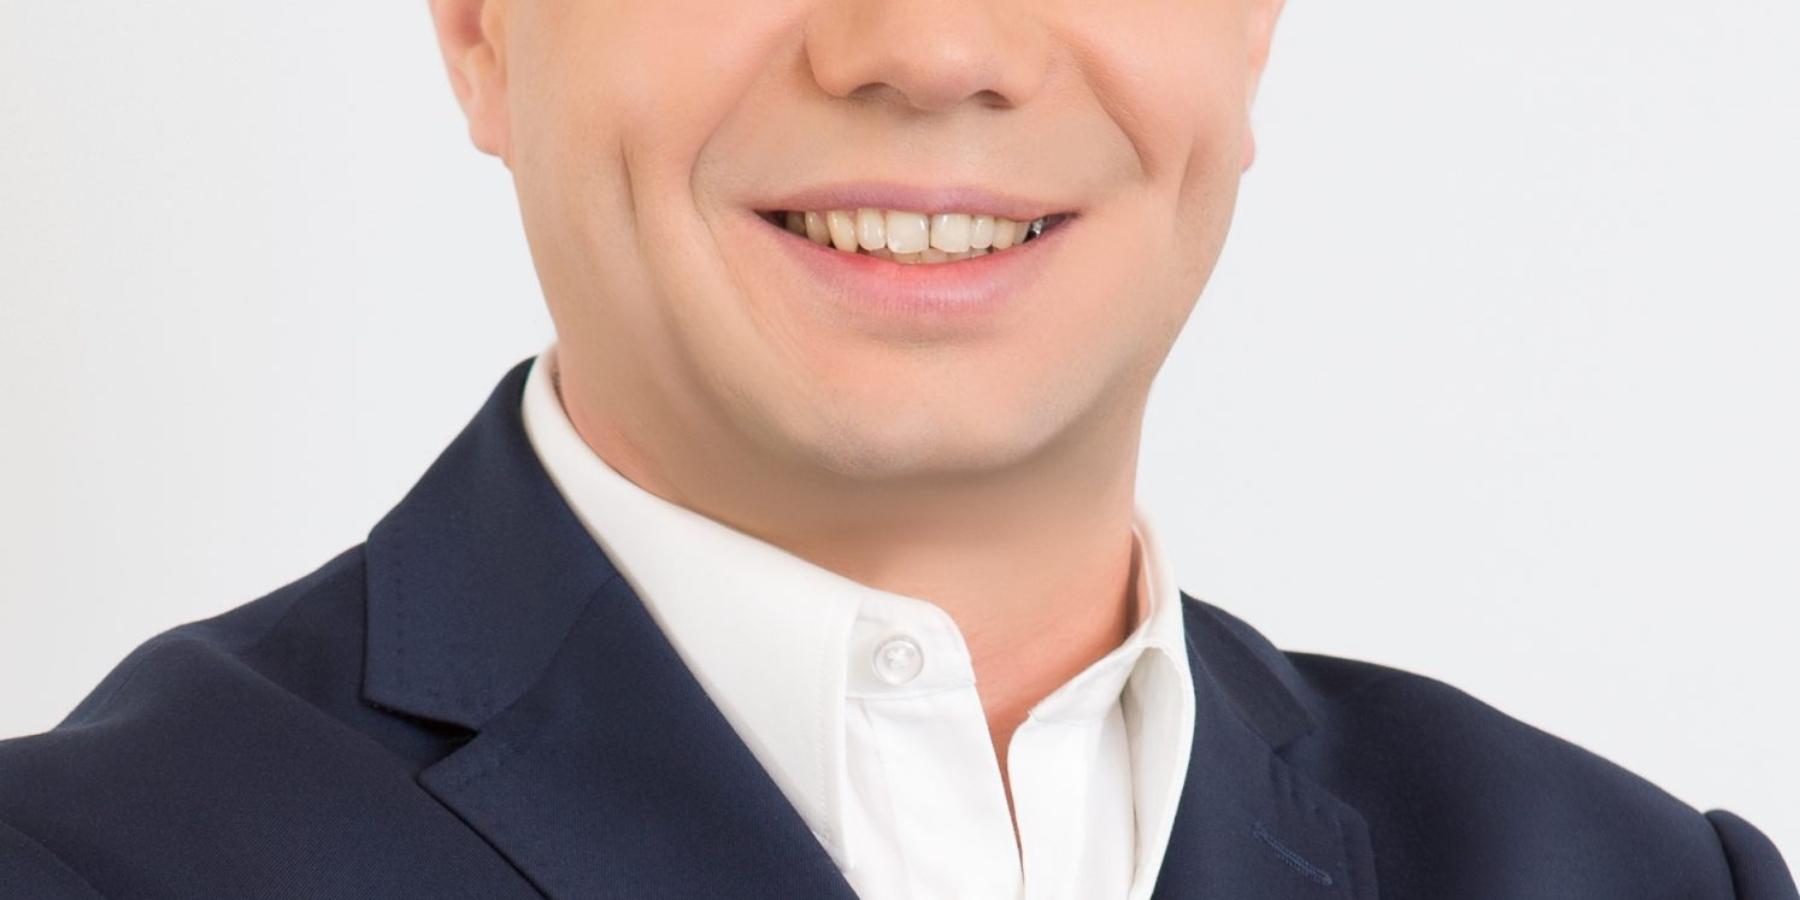 Wywiad zMarcinem Woźniakiem (knowledgehub.pl) – seria kogo szukam?